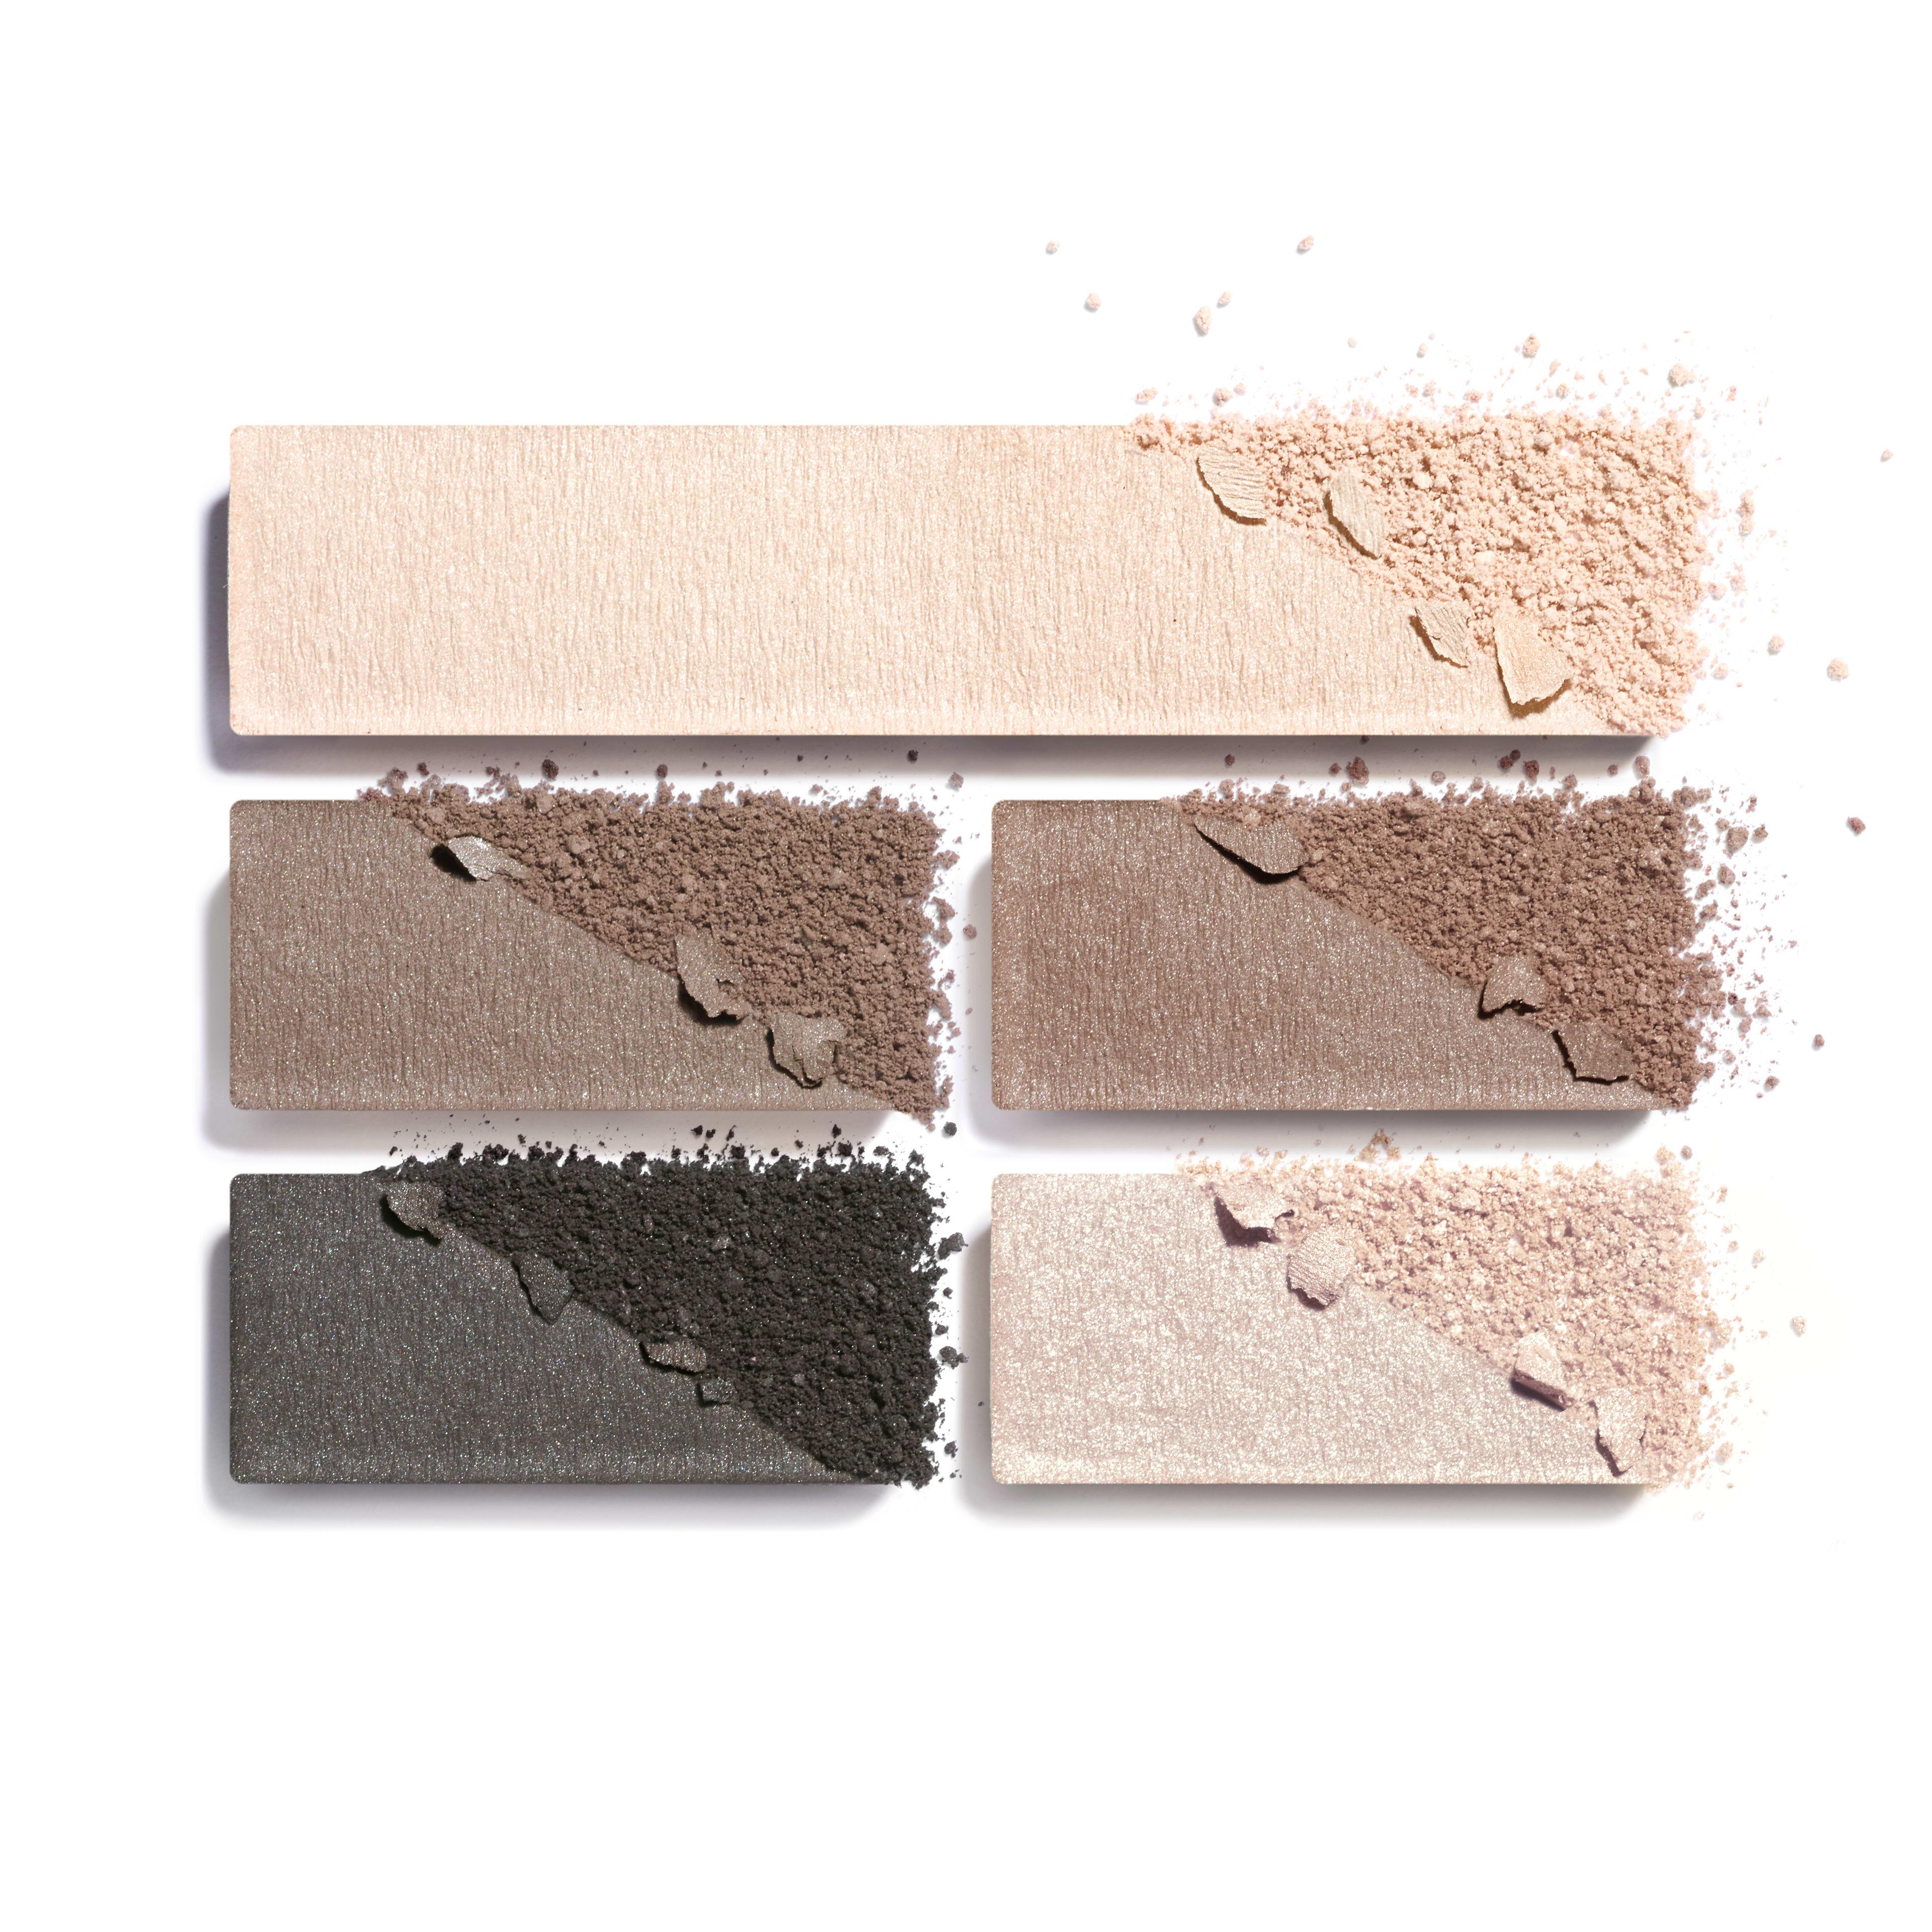 LES BEIGES - makeup - 0.16OZ. - Basic texture view